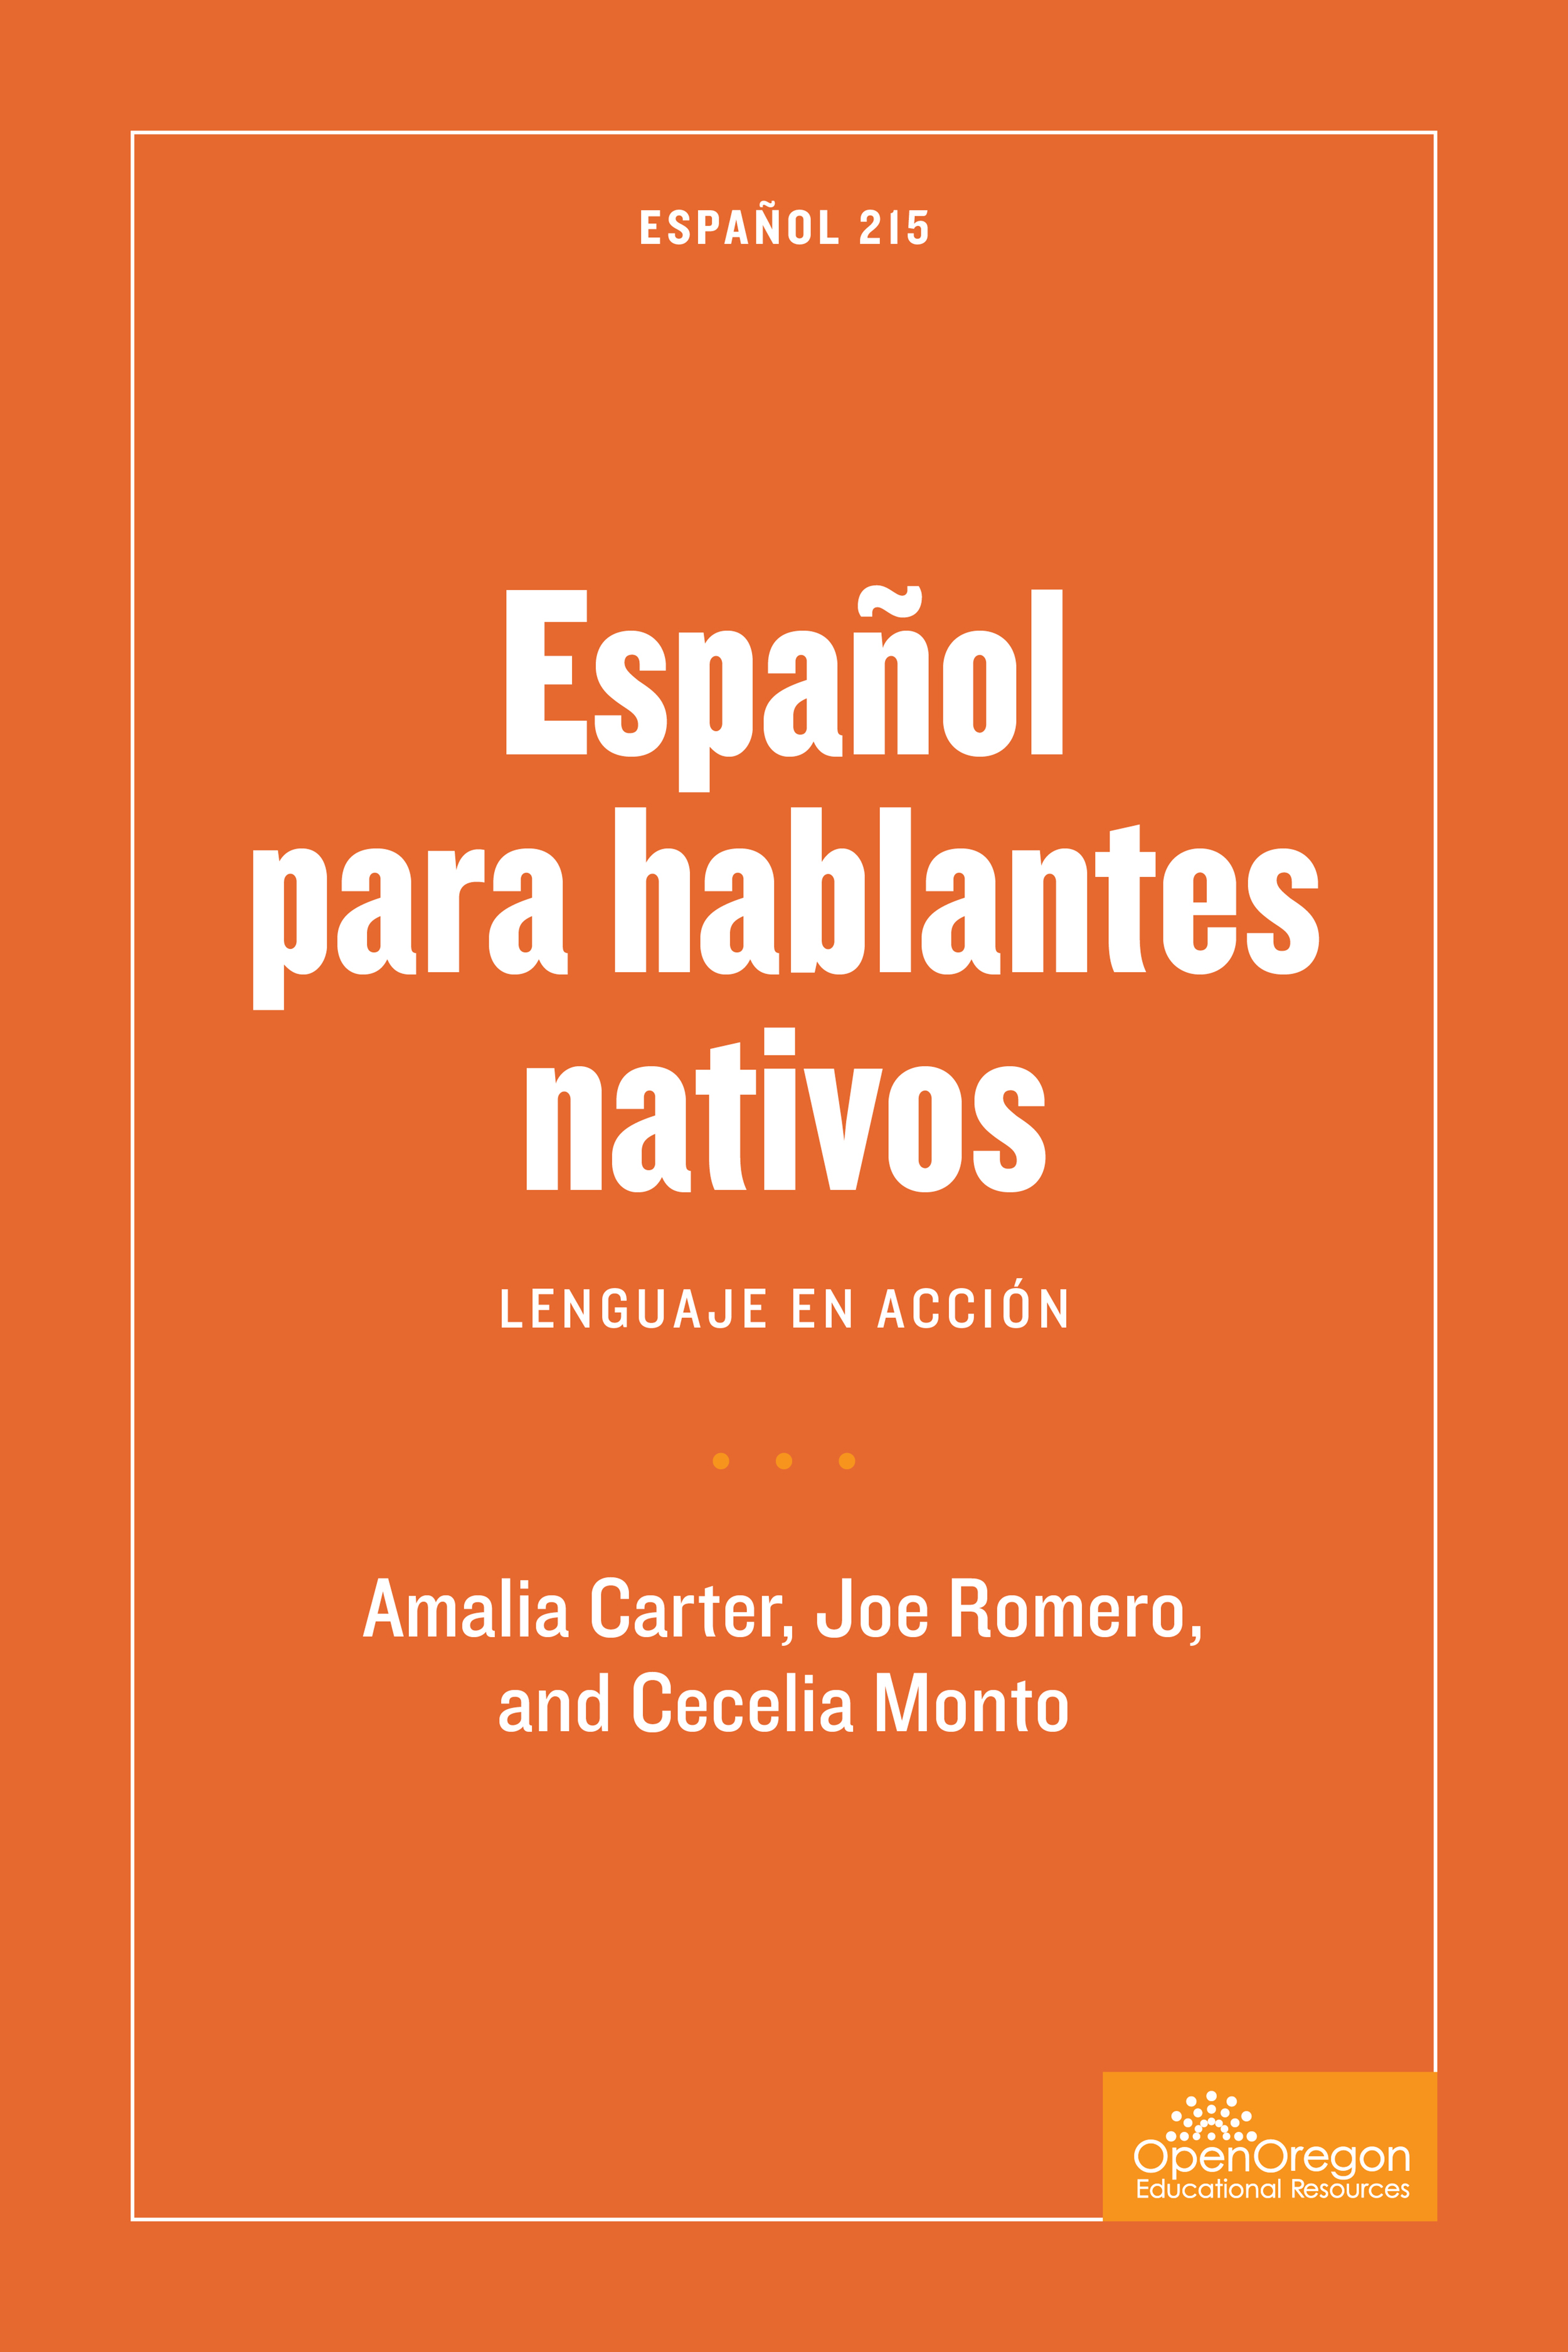 SPN215: Español para hablantes nativos